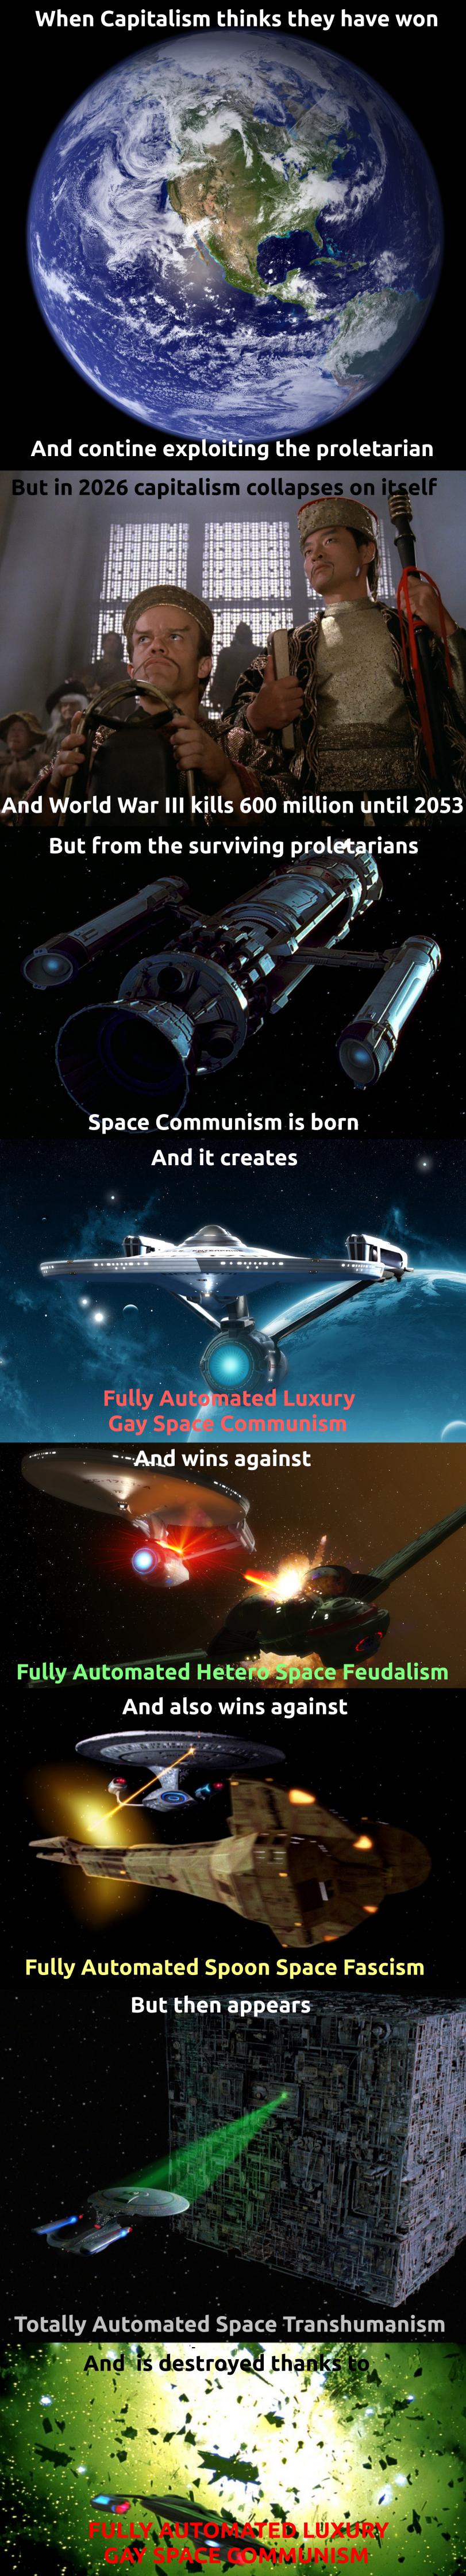 GAY LUXURY SPACE COMMUNISM